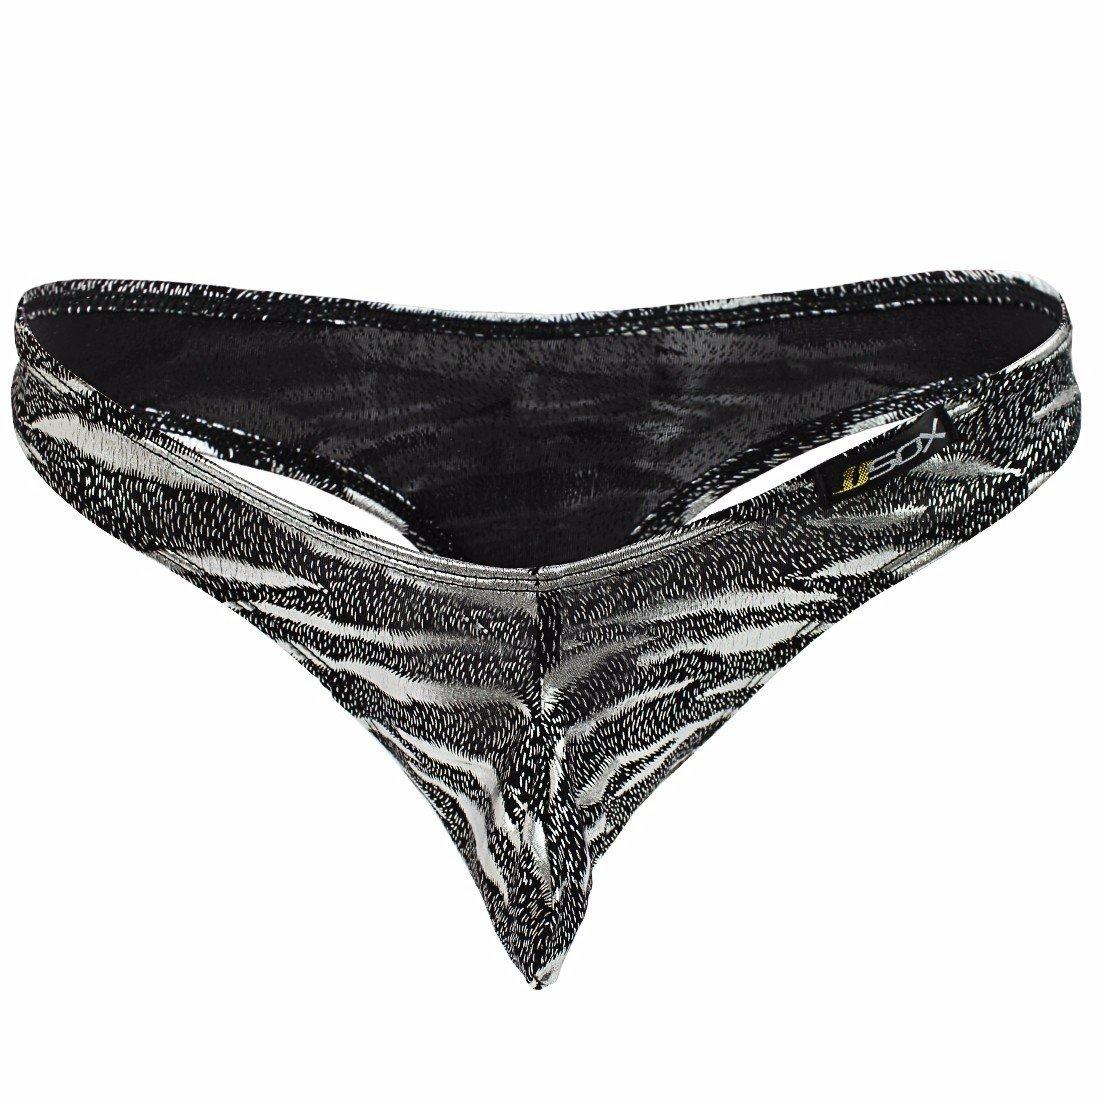 010ad0c2905 FEESHOW Men s Zebra Striped G-String Slip Thong T-Back Briefs Underwear  Silver X-Large (Waist 30.0-38.5